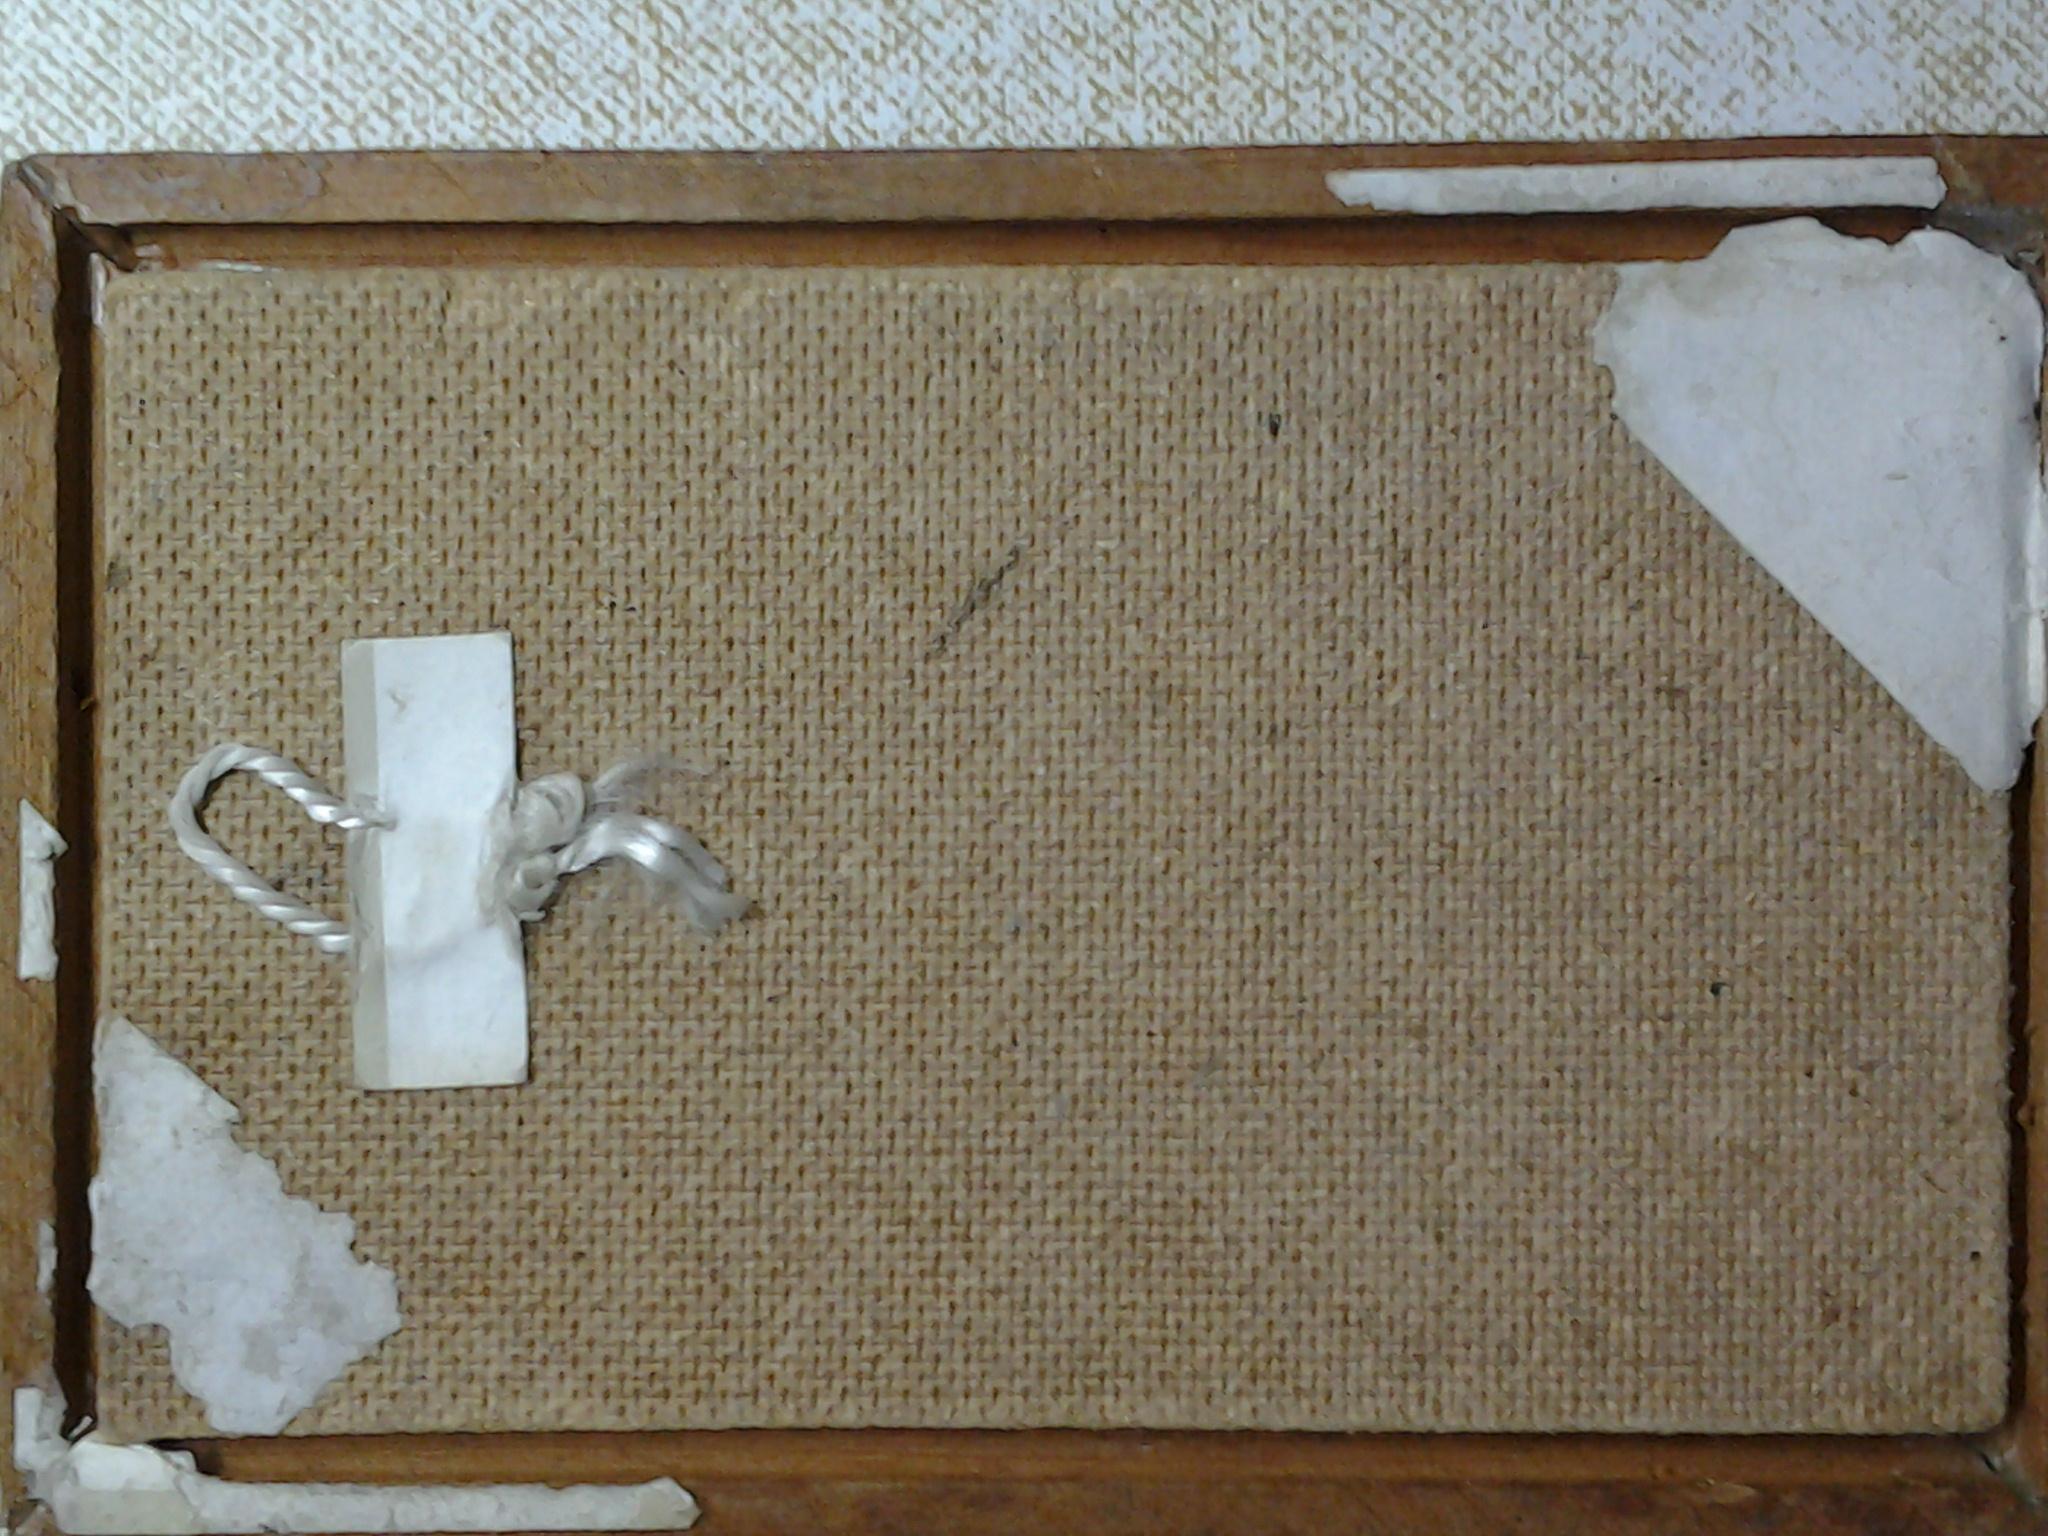 Пейзаж луг 17,5-10,5 см., холст на картоне, масло 1997 год  - 2